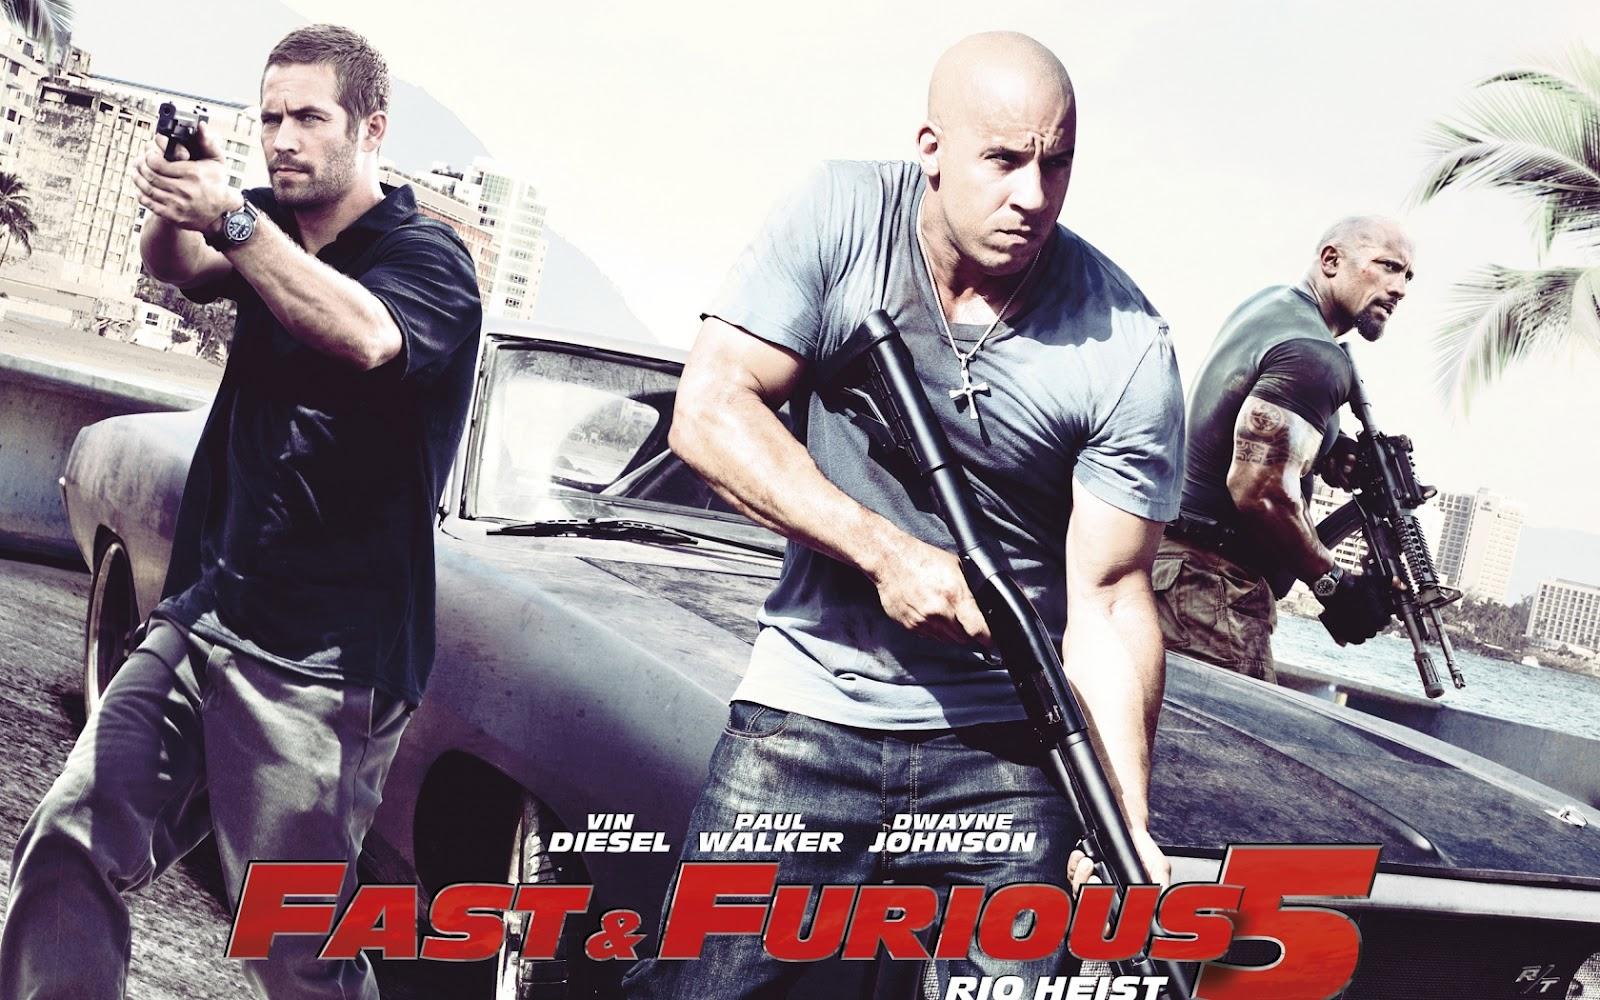 http://2.bp.blogspot.com/-ZTnK0uzTlxI/T6crquw3NII/AAAAAAAAEIA/uy7SLqySP9M/s1600/fast-and-furious-5-movie-1680x1050-wallpaper-5793.jpg